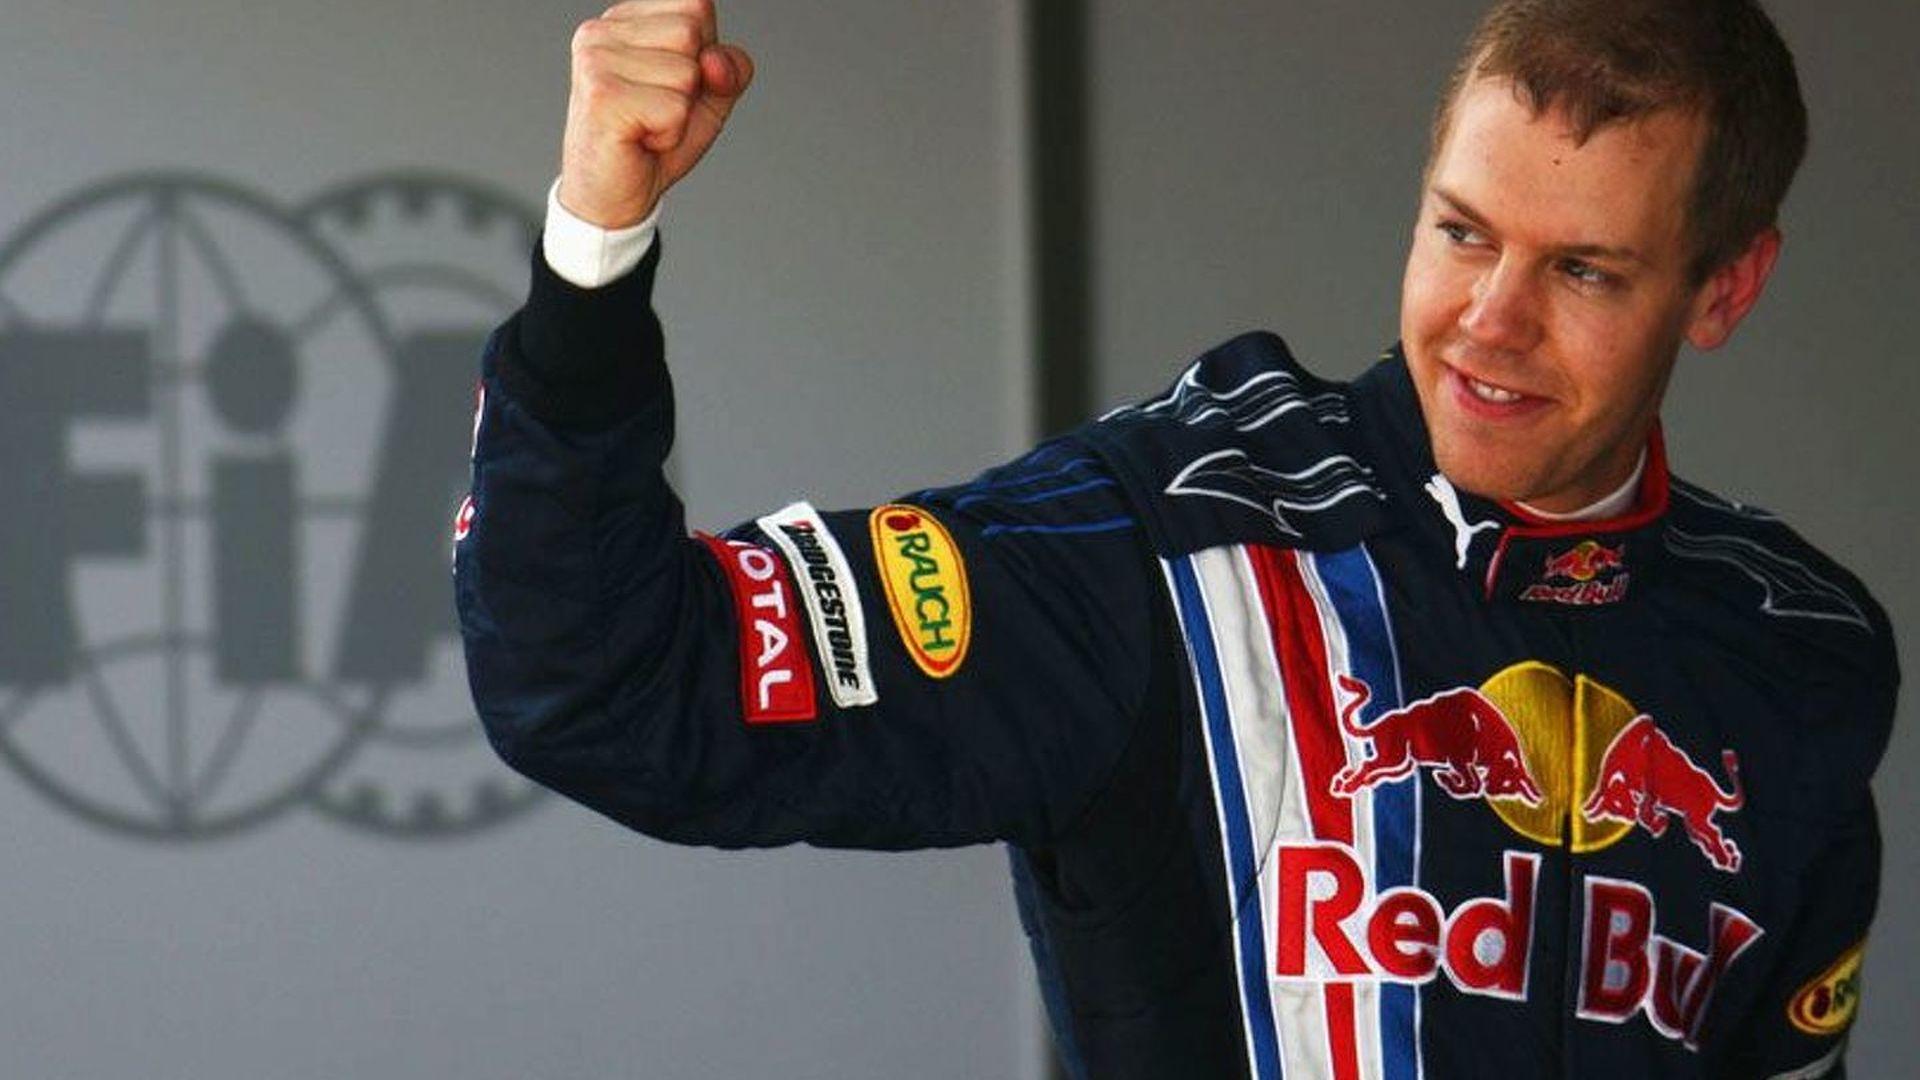 Vettel agrees new points system not radical